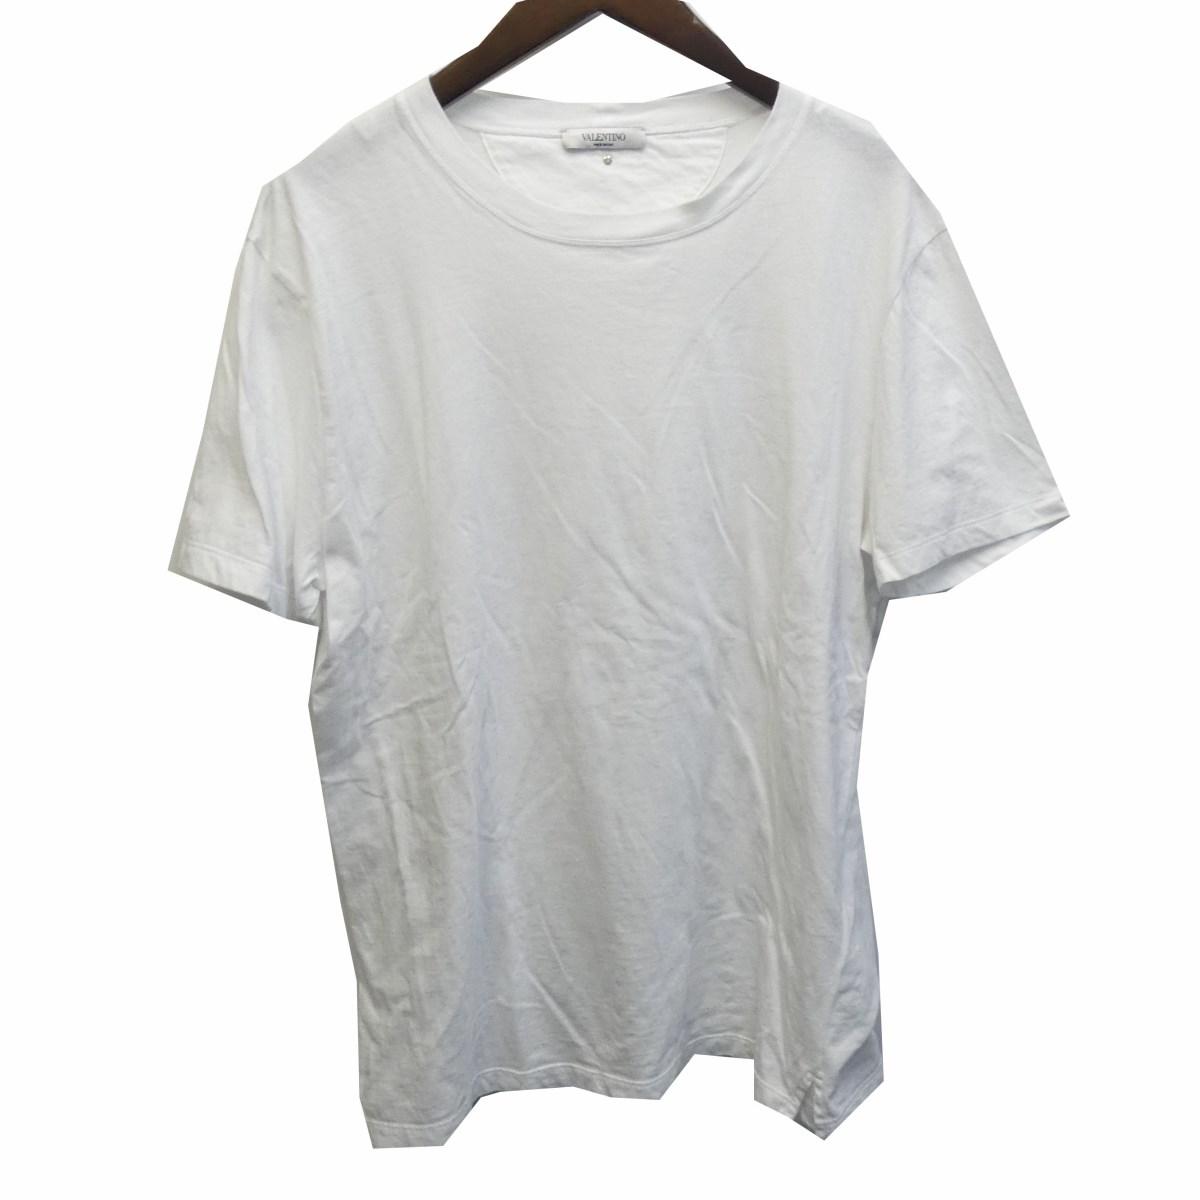 【中古】VALENTINO ロックスタッズTシャツ ホワイト サイズ:L 【180420】(ヴァレンチノ)